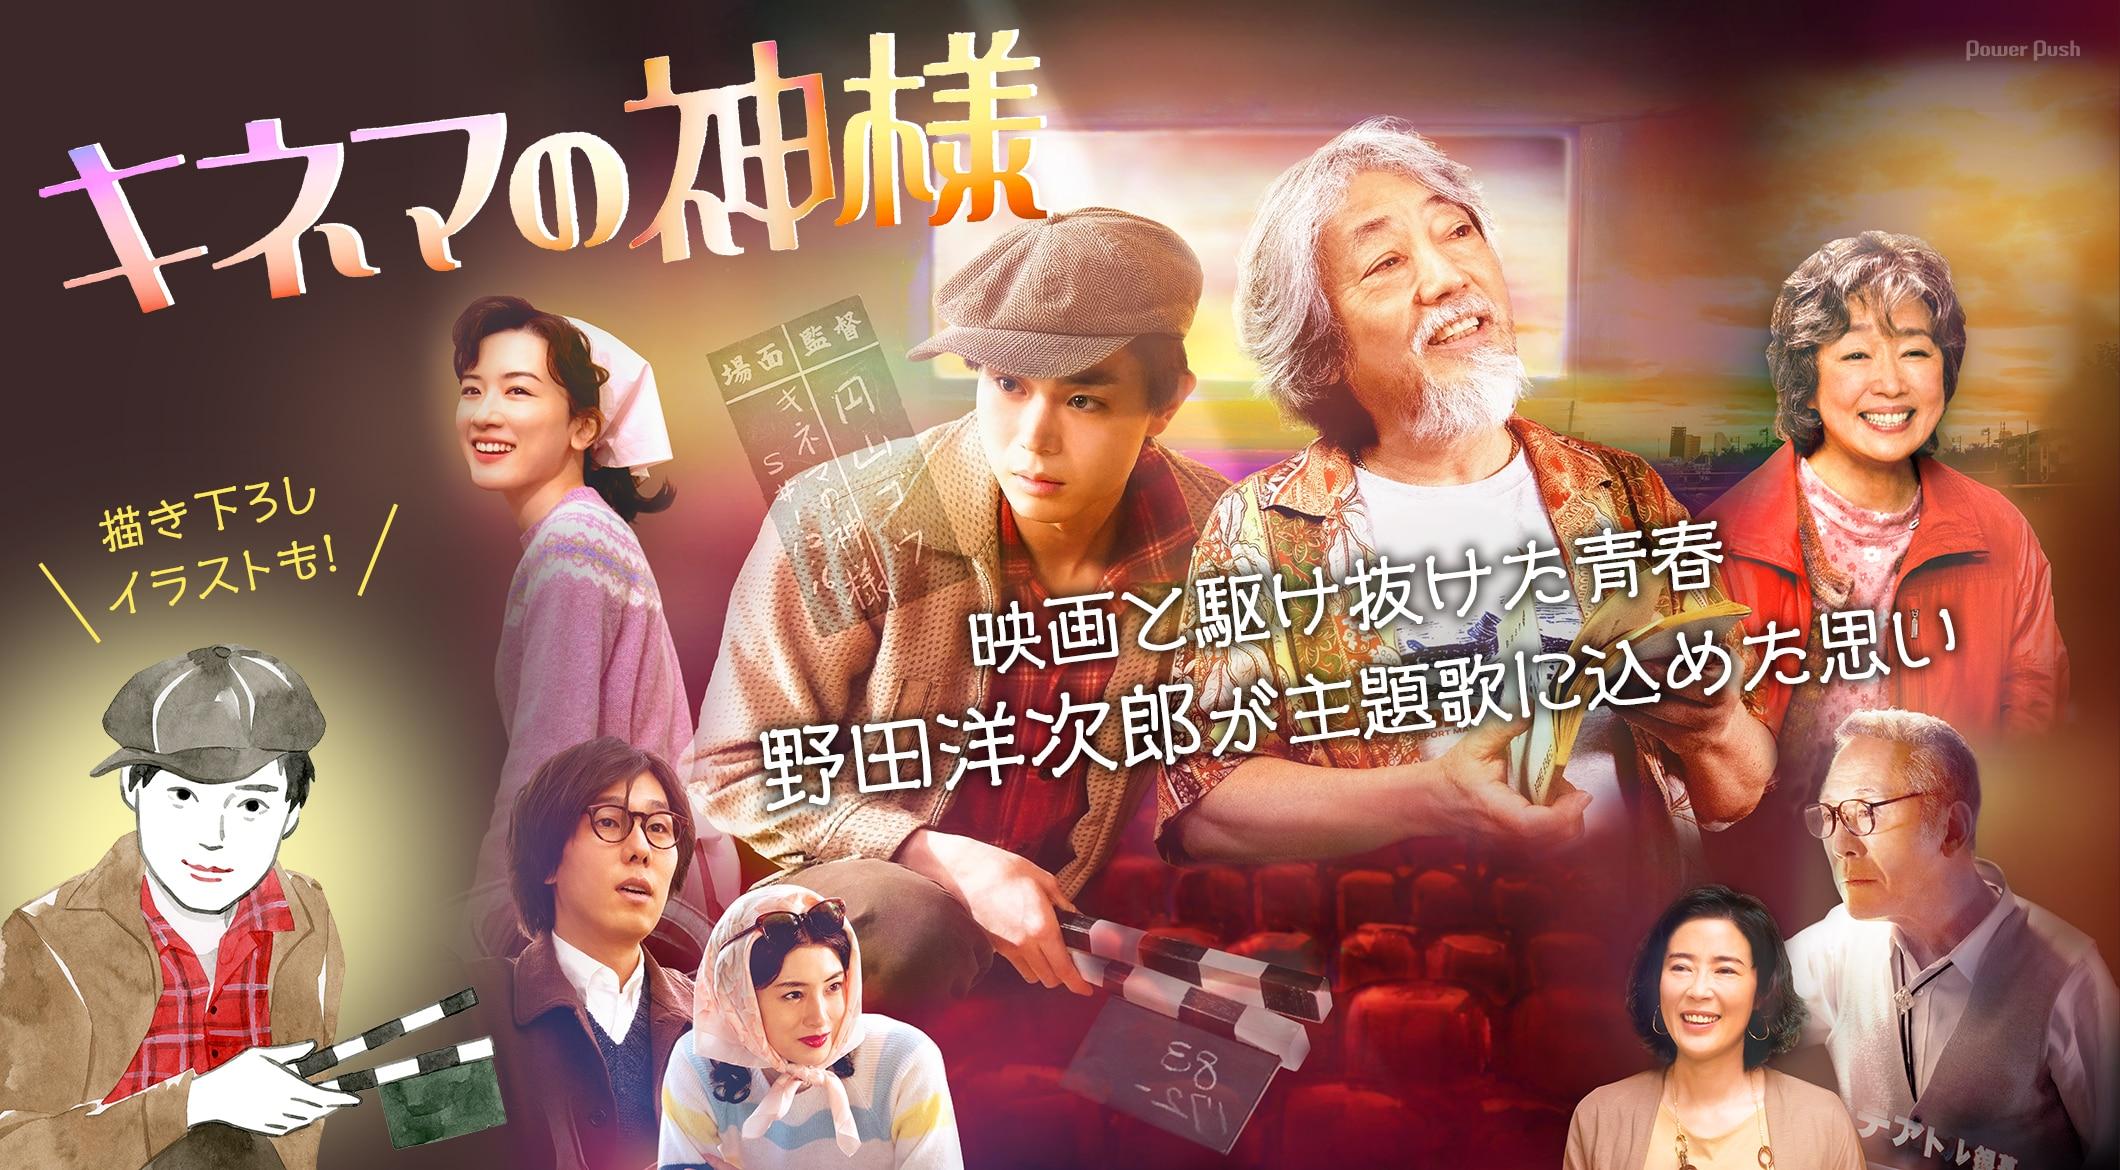 「キネマの神様」映画と駆け抜けた青春 野田洋次郎が主題歌に込めた思い